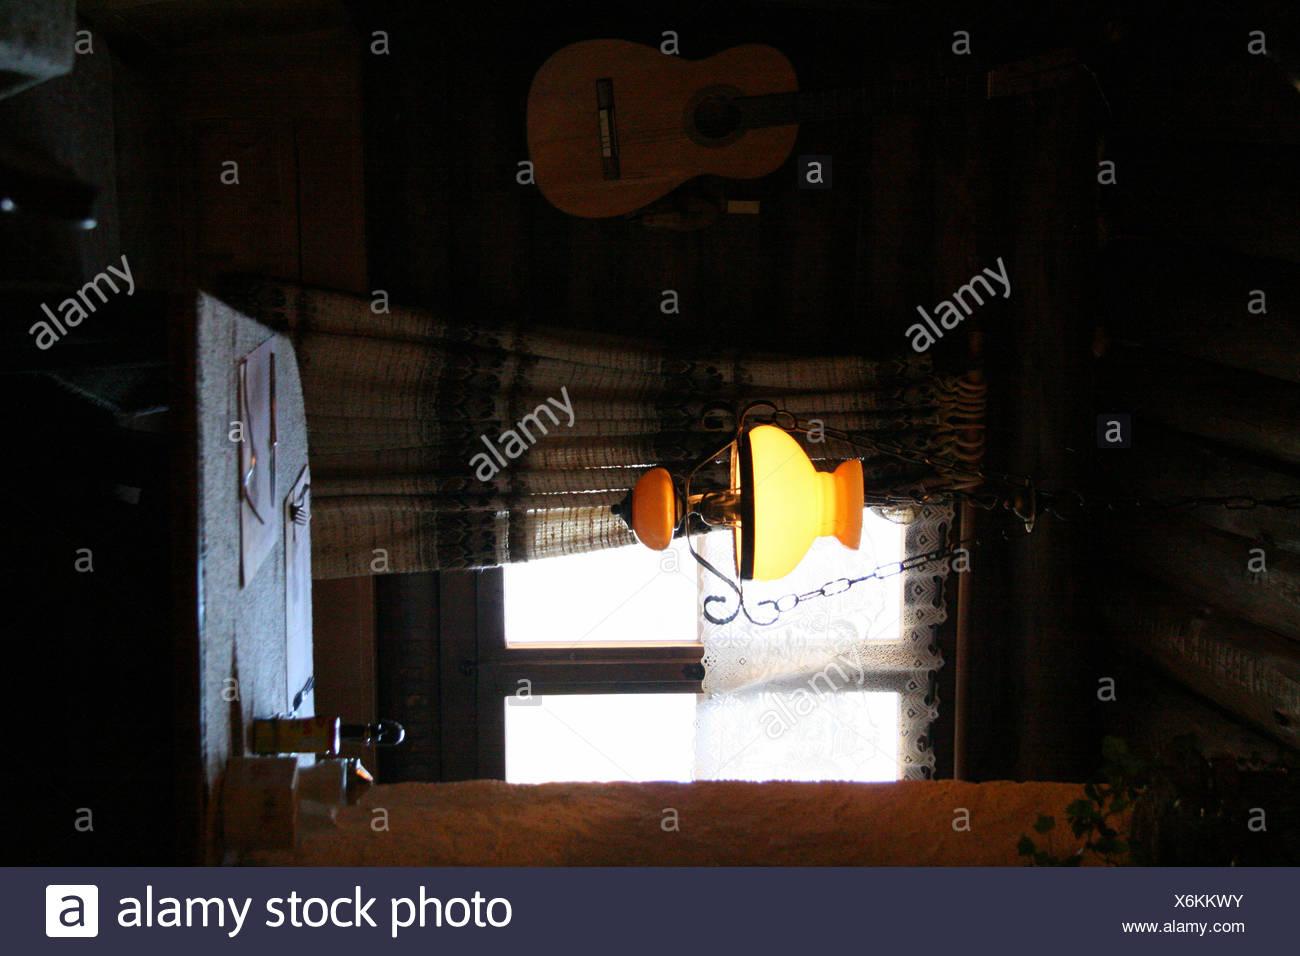 Restaurant Im Komfortablen Beizen Frbung Lampe Gitarre Fenster Abdeckung Engadin Schweizer Schweiz Europa